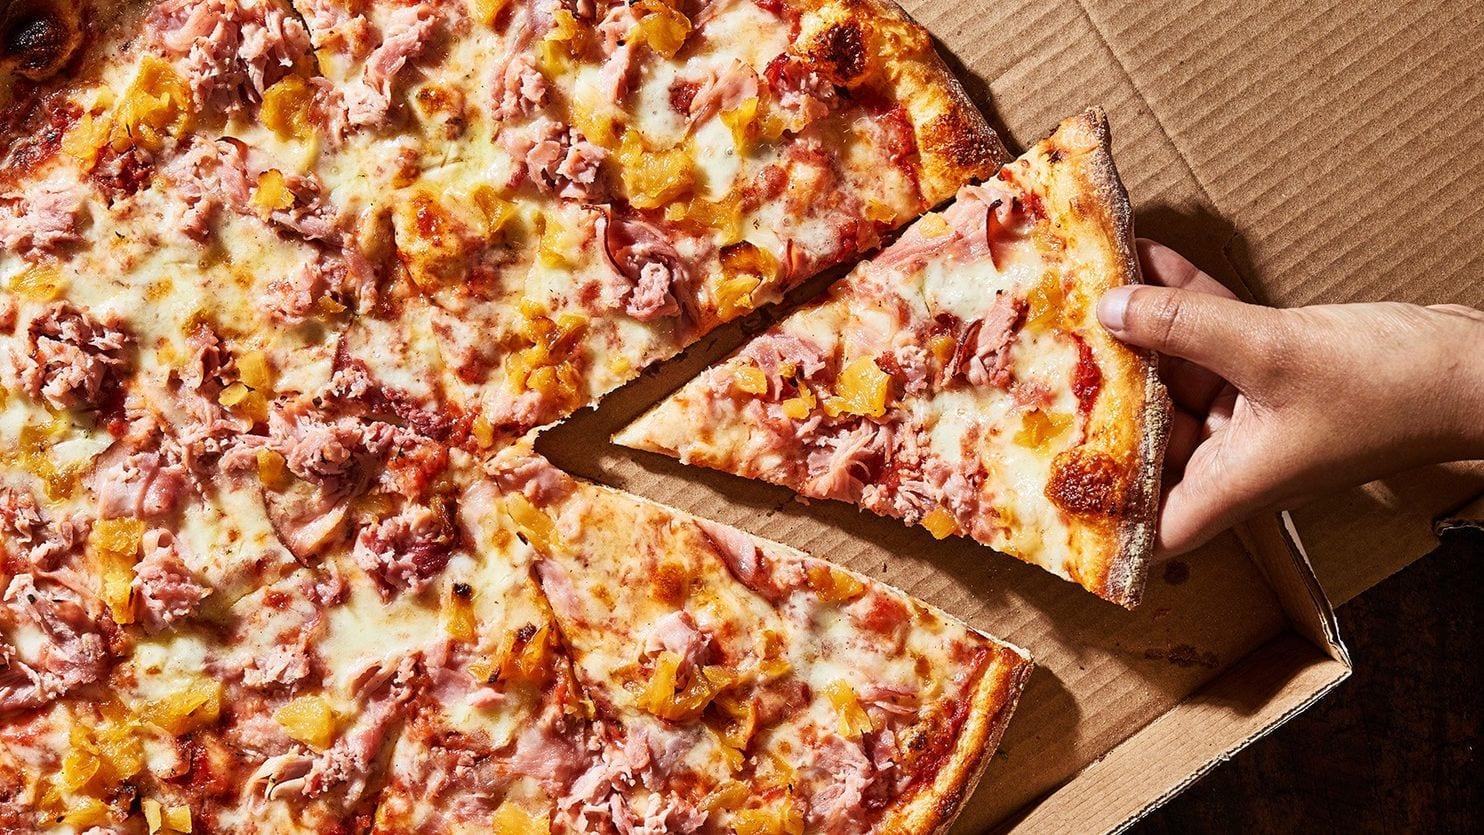 De unde comandați cea mai bună pizza din oraș? Haideți să aflăm care este pizzeria preferată a sătmărenilor